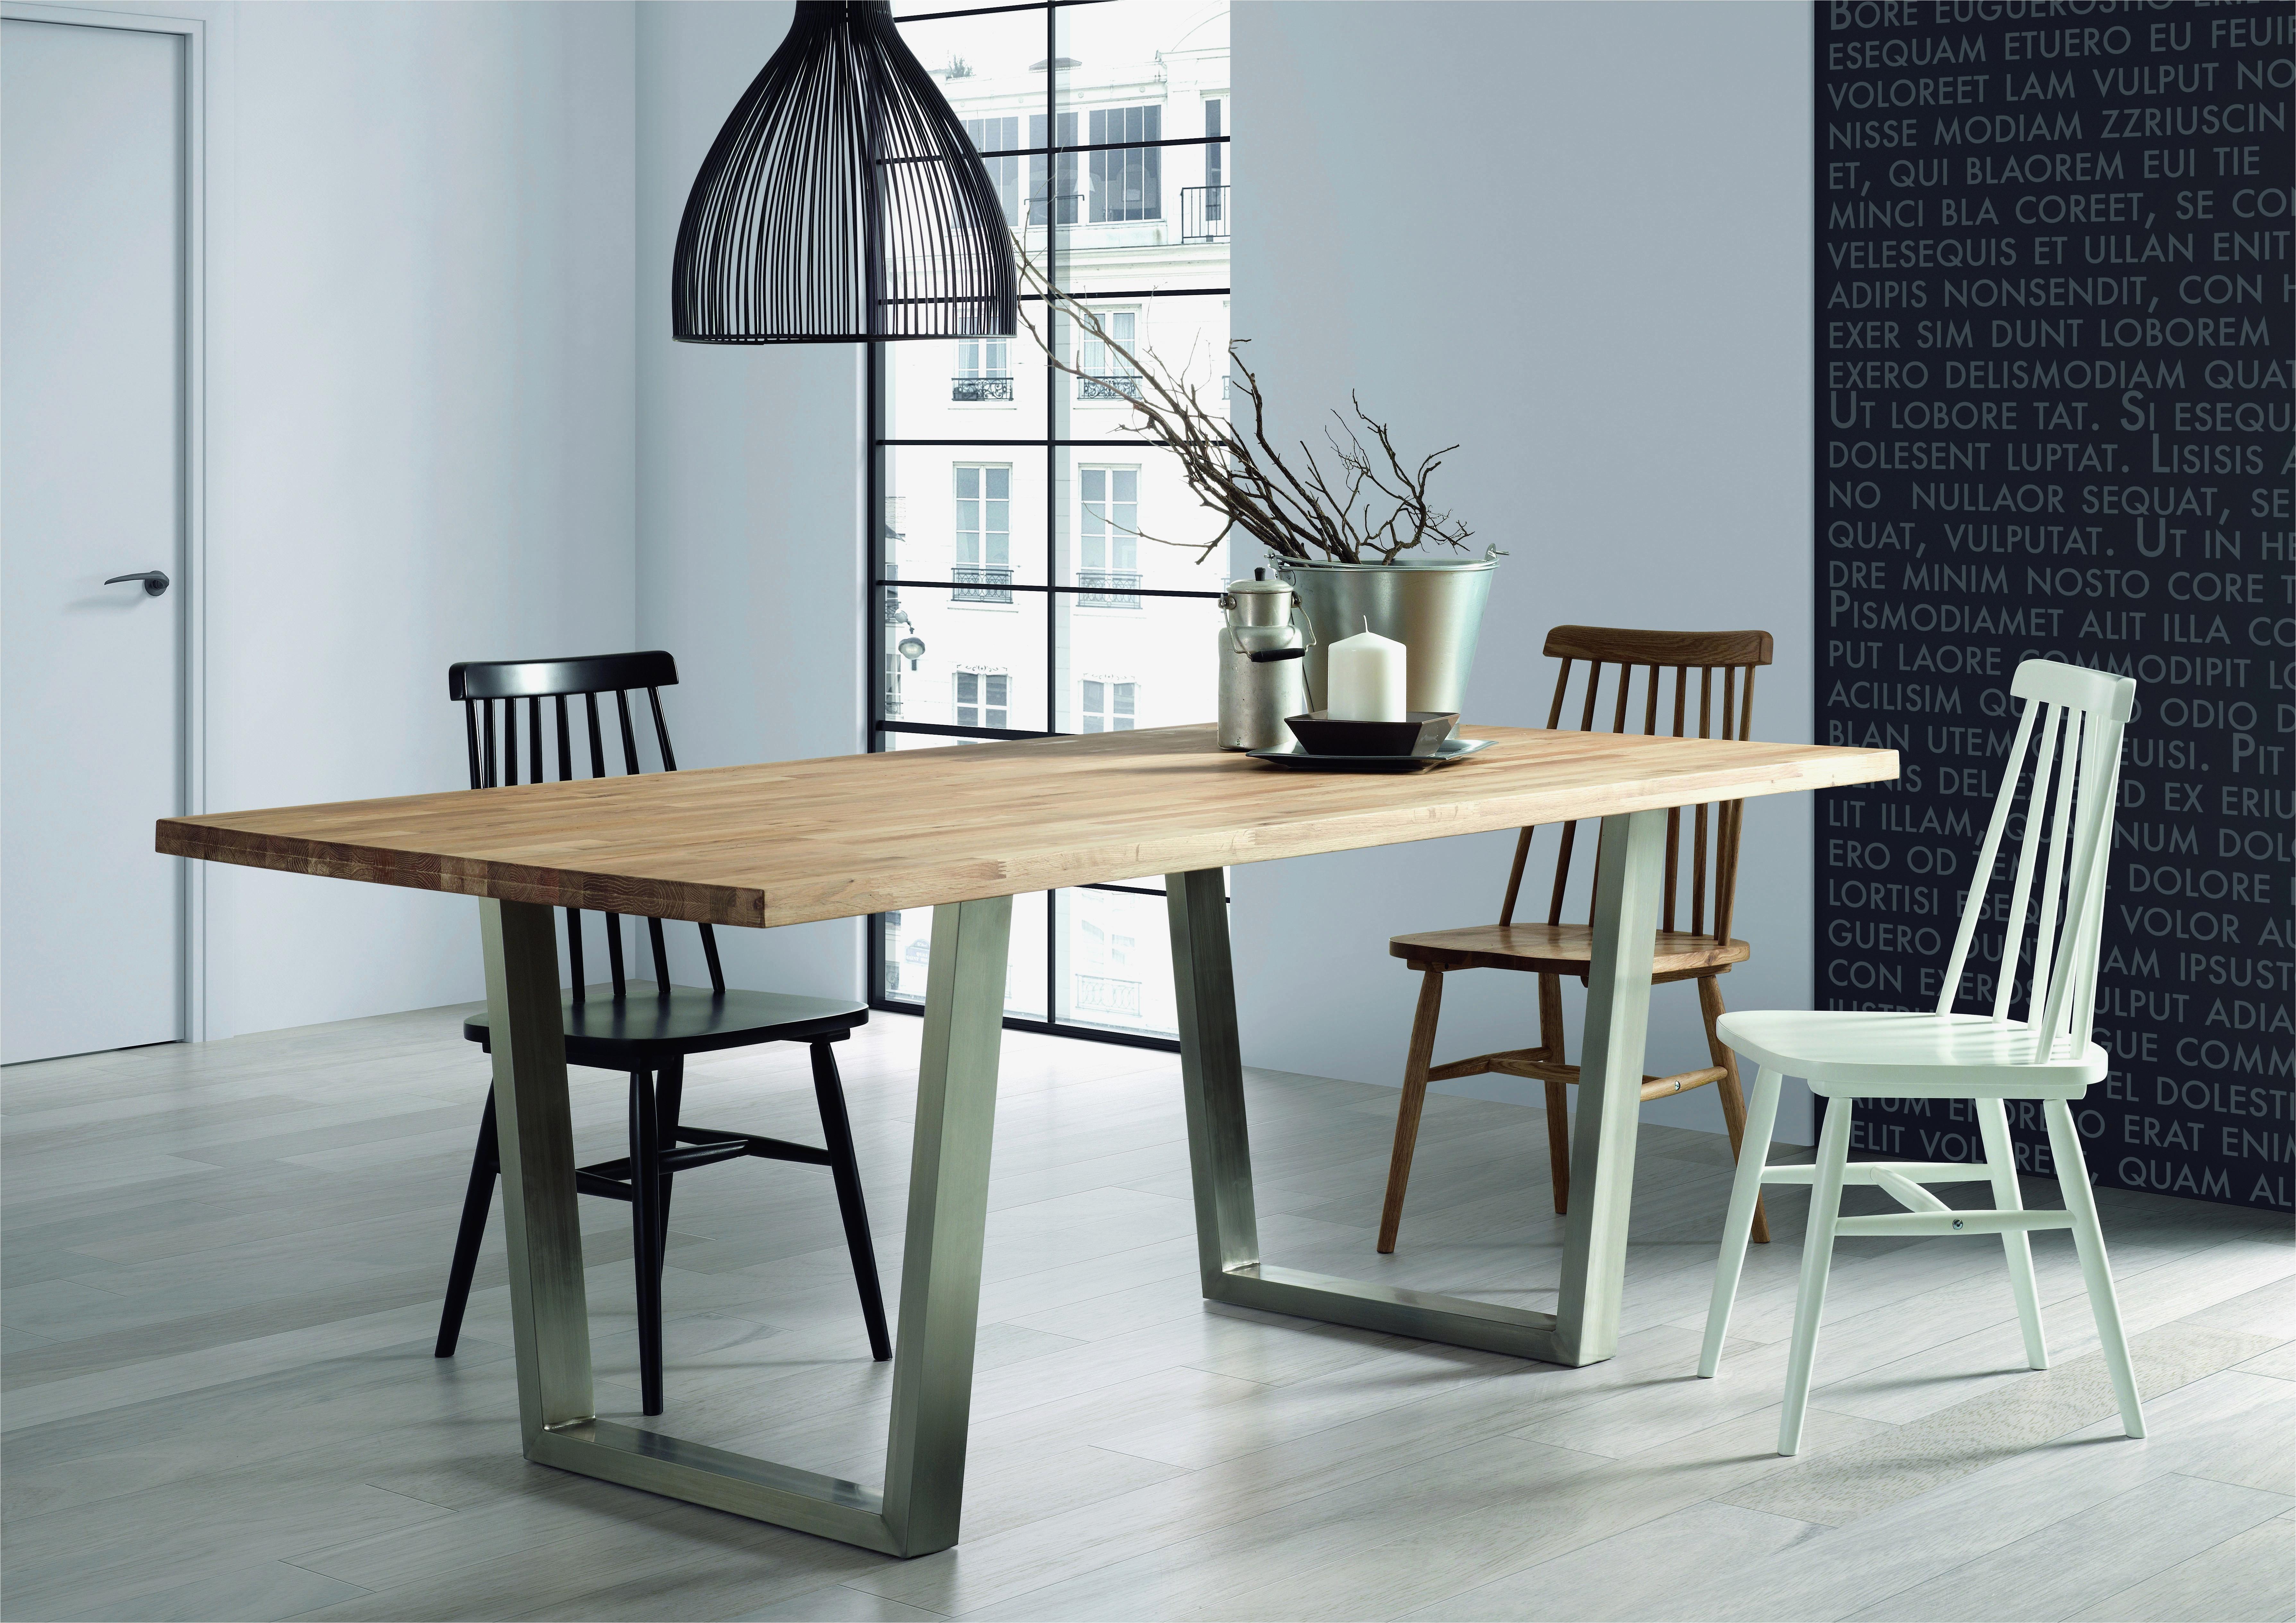 Discount Furniture Store York Pa Furniture Fresh Discount Furniture York Pa Excellent Home Design